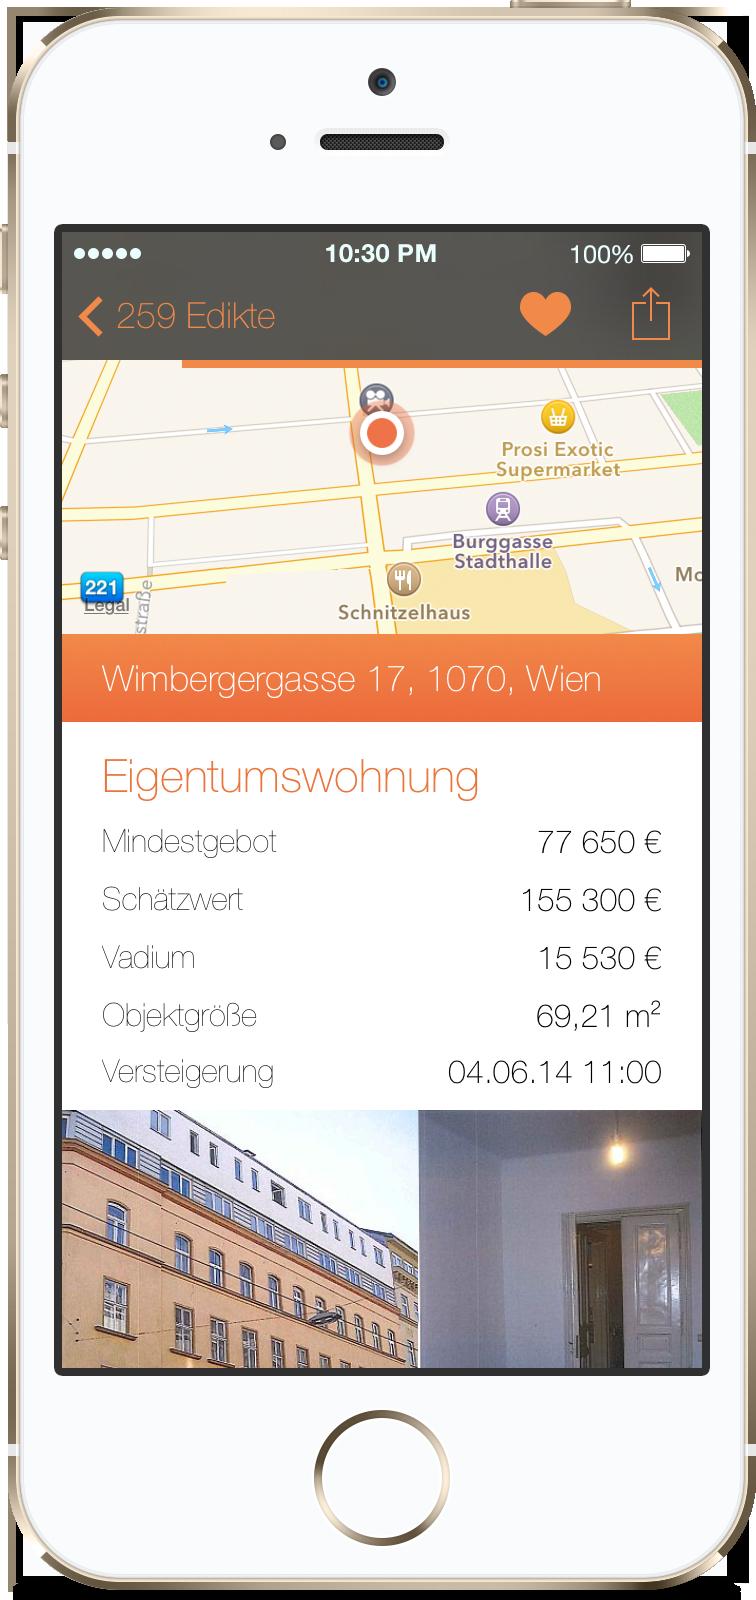 ScreenShotiOS_iPhone_gold_edikt